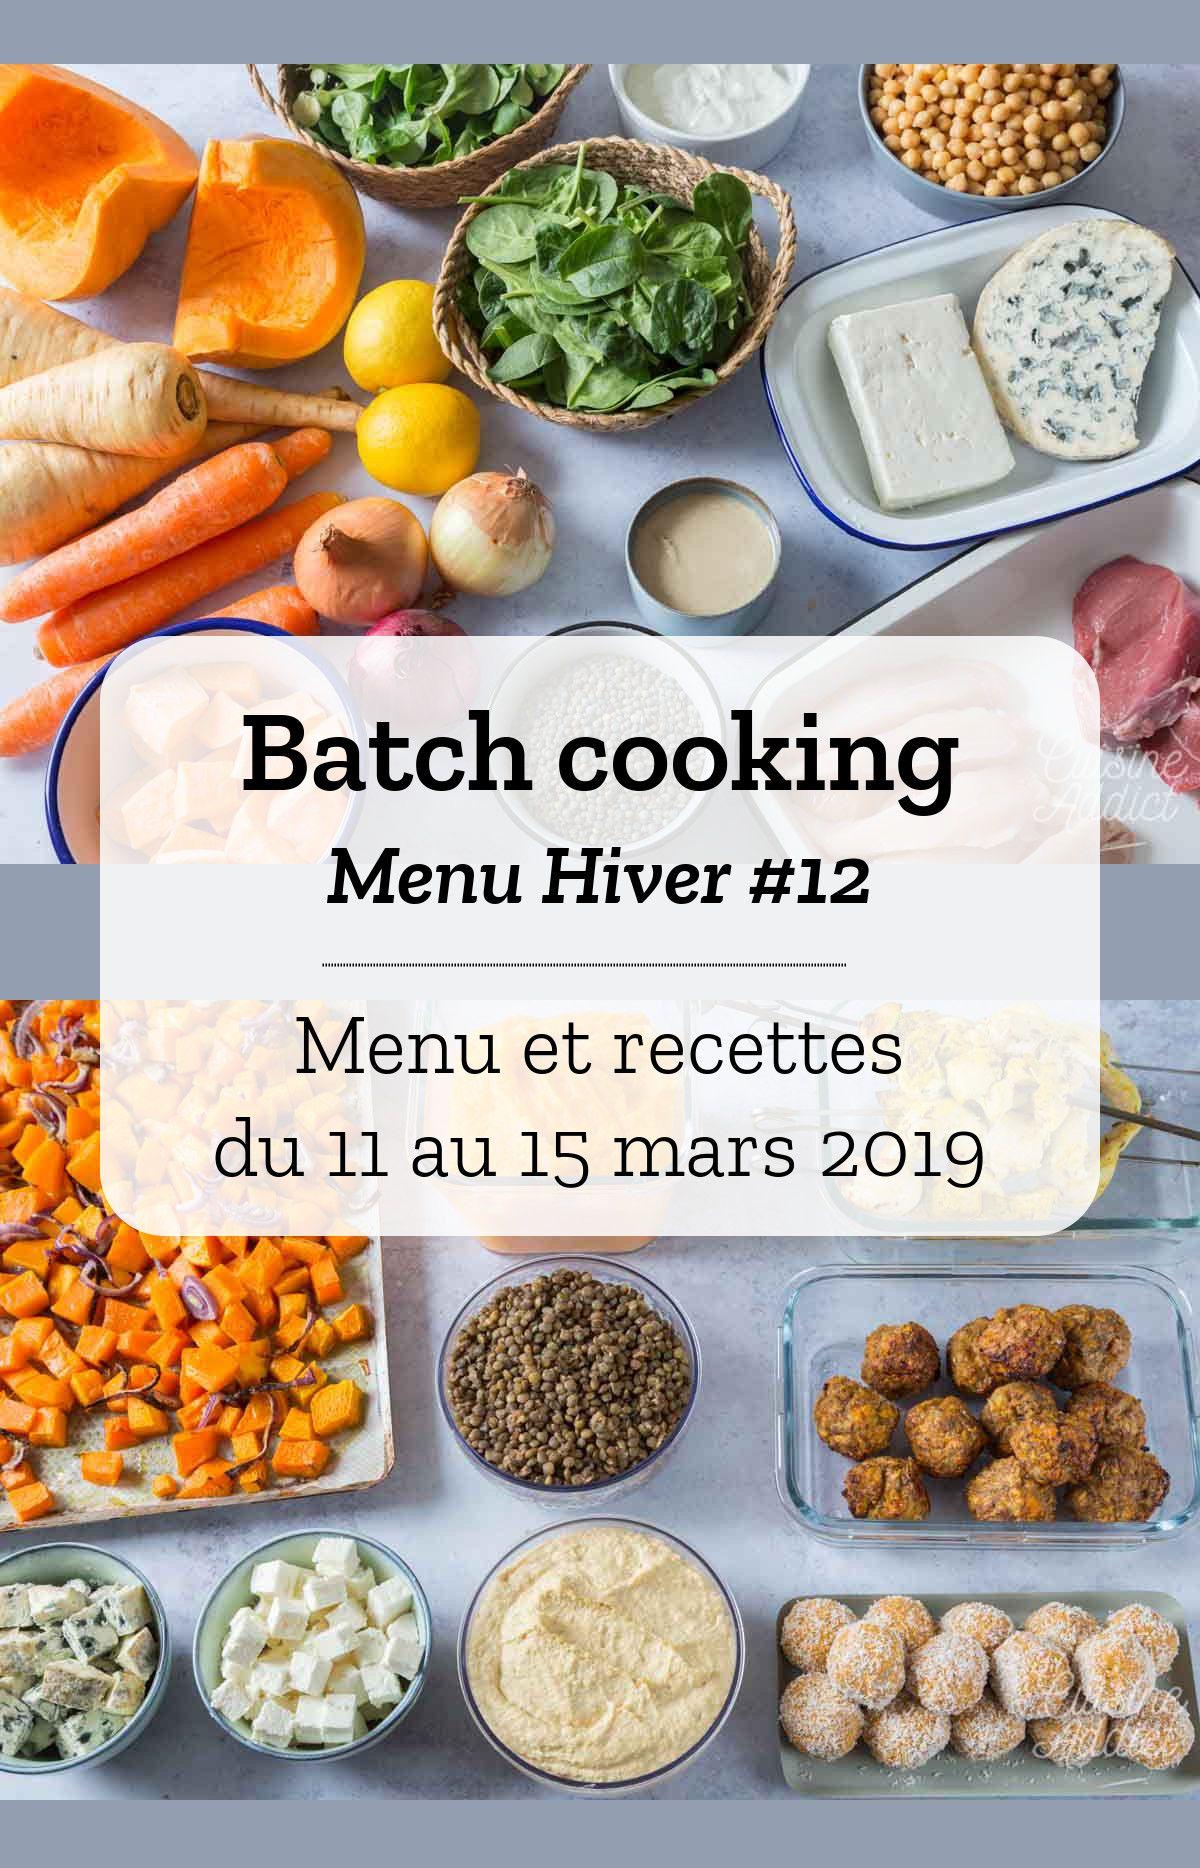 Batch Cooking – Menus et recettes pour la semaine du 11 mars 2019